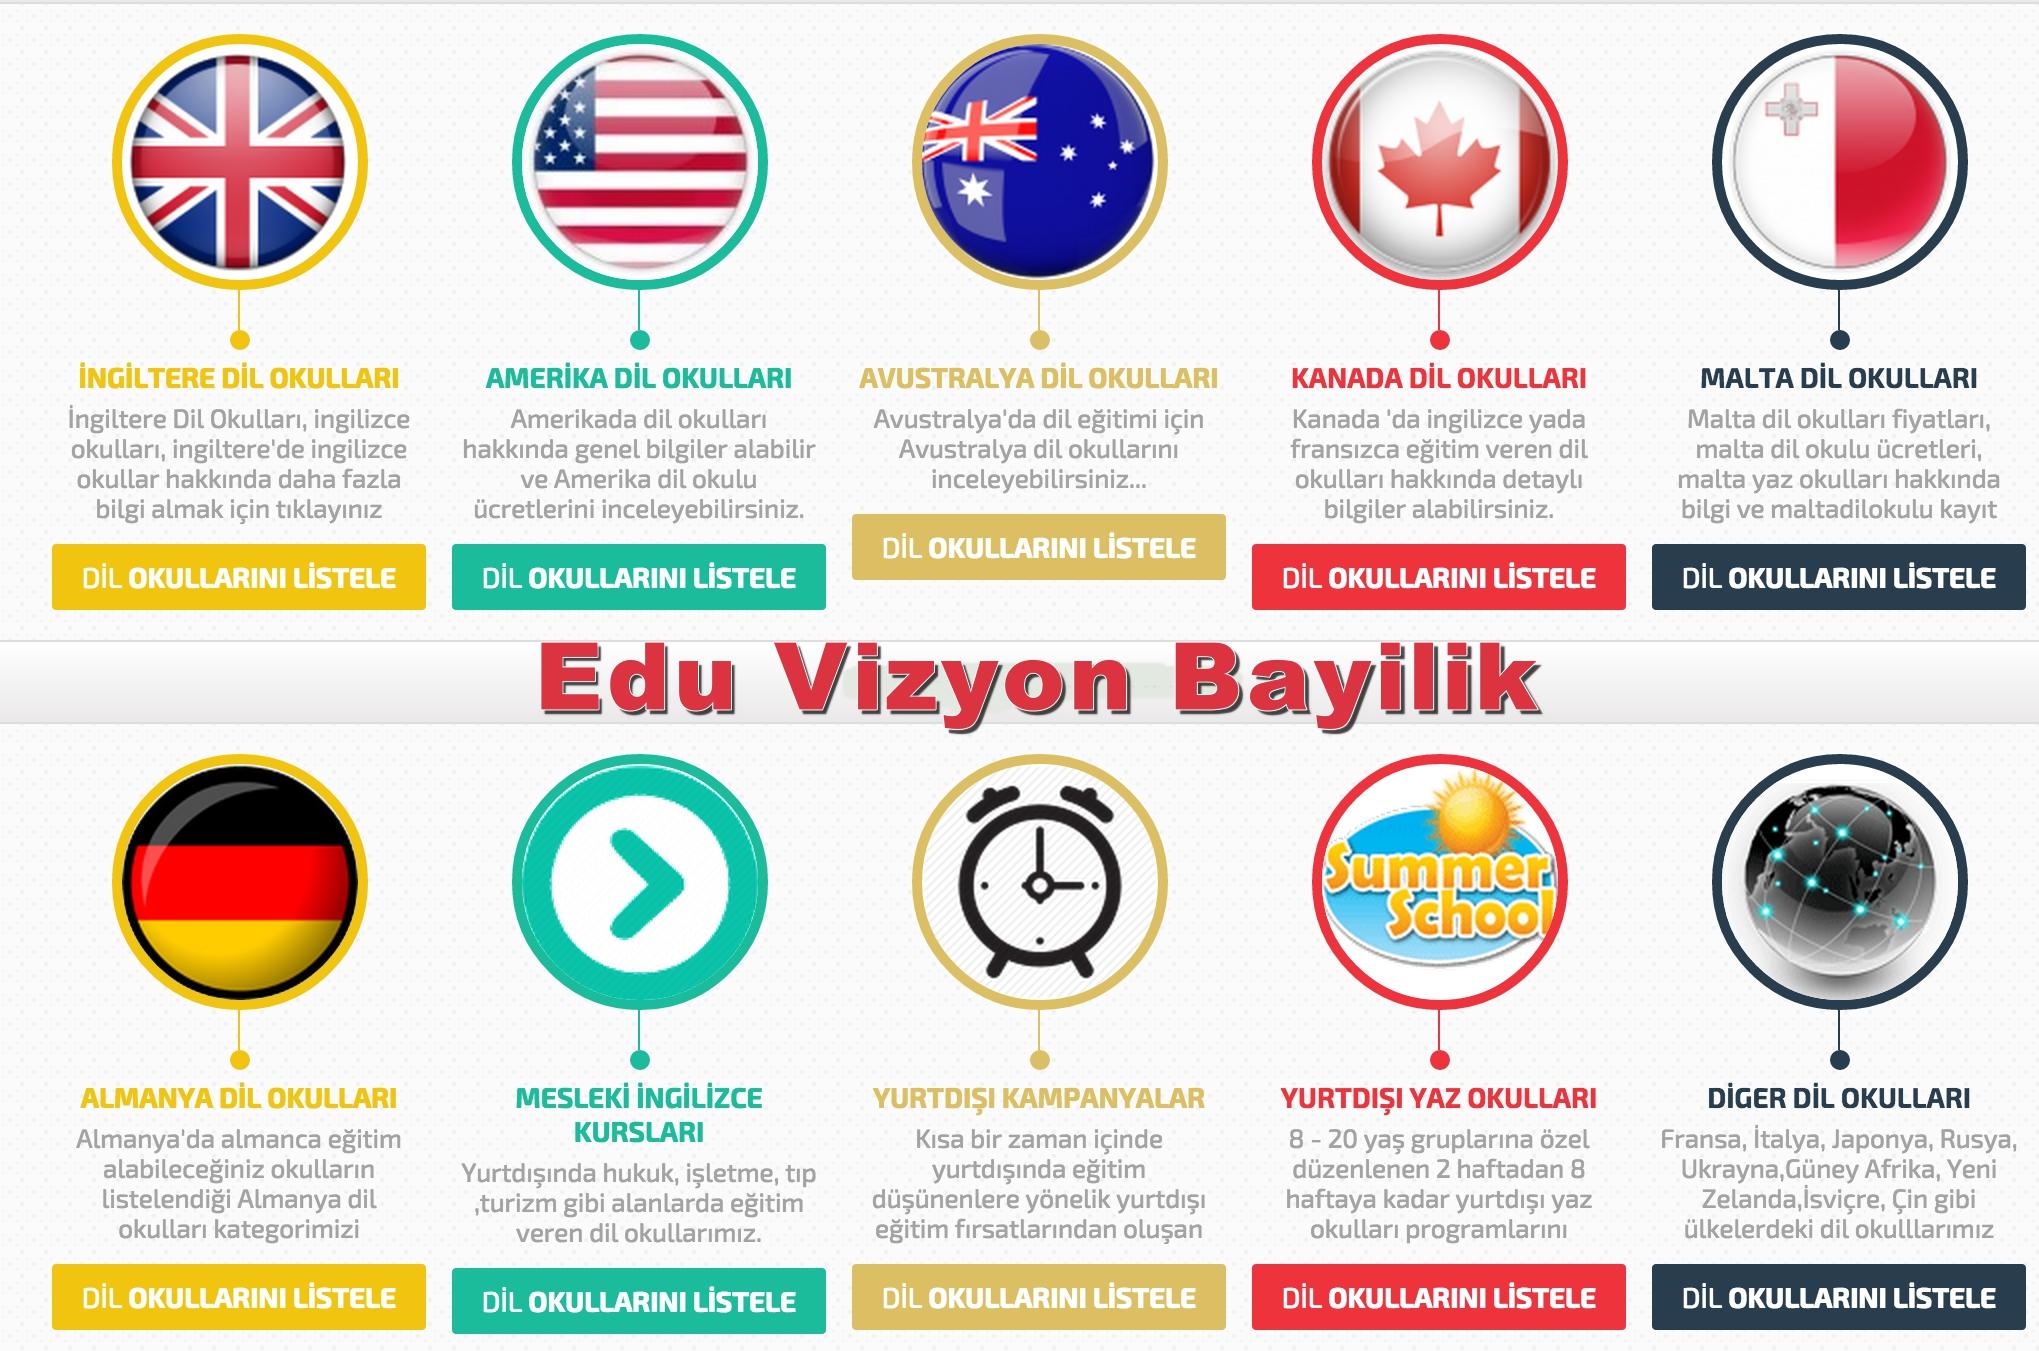 Edu Vizyon Yurtdışı Eğitim Danışmanlığı Bayilik Veriyor